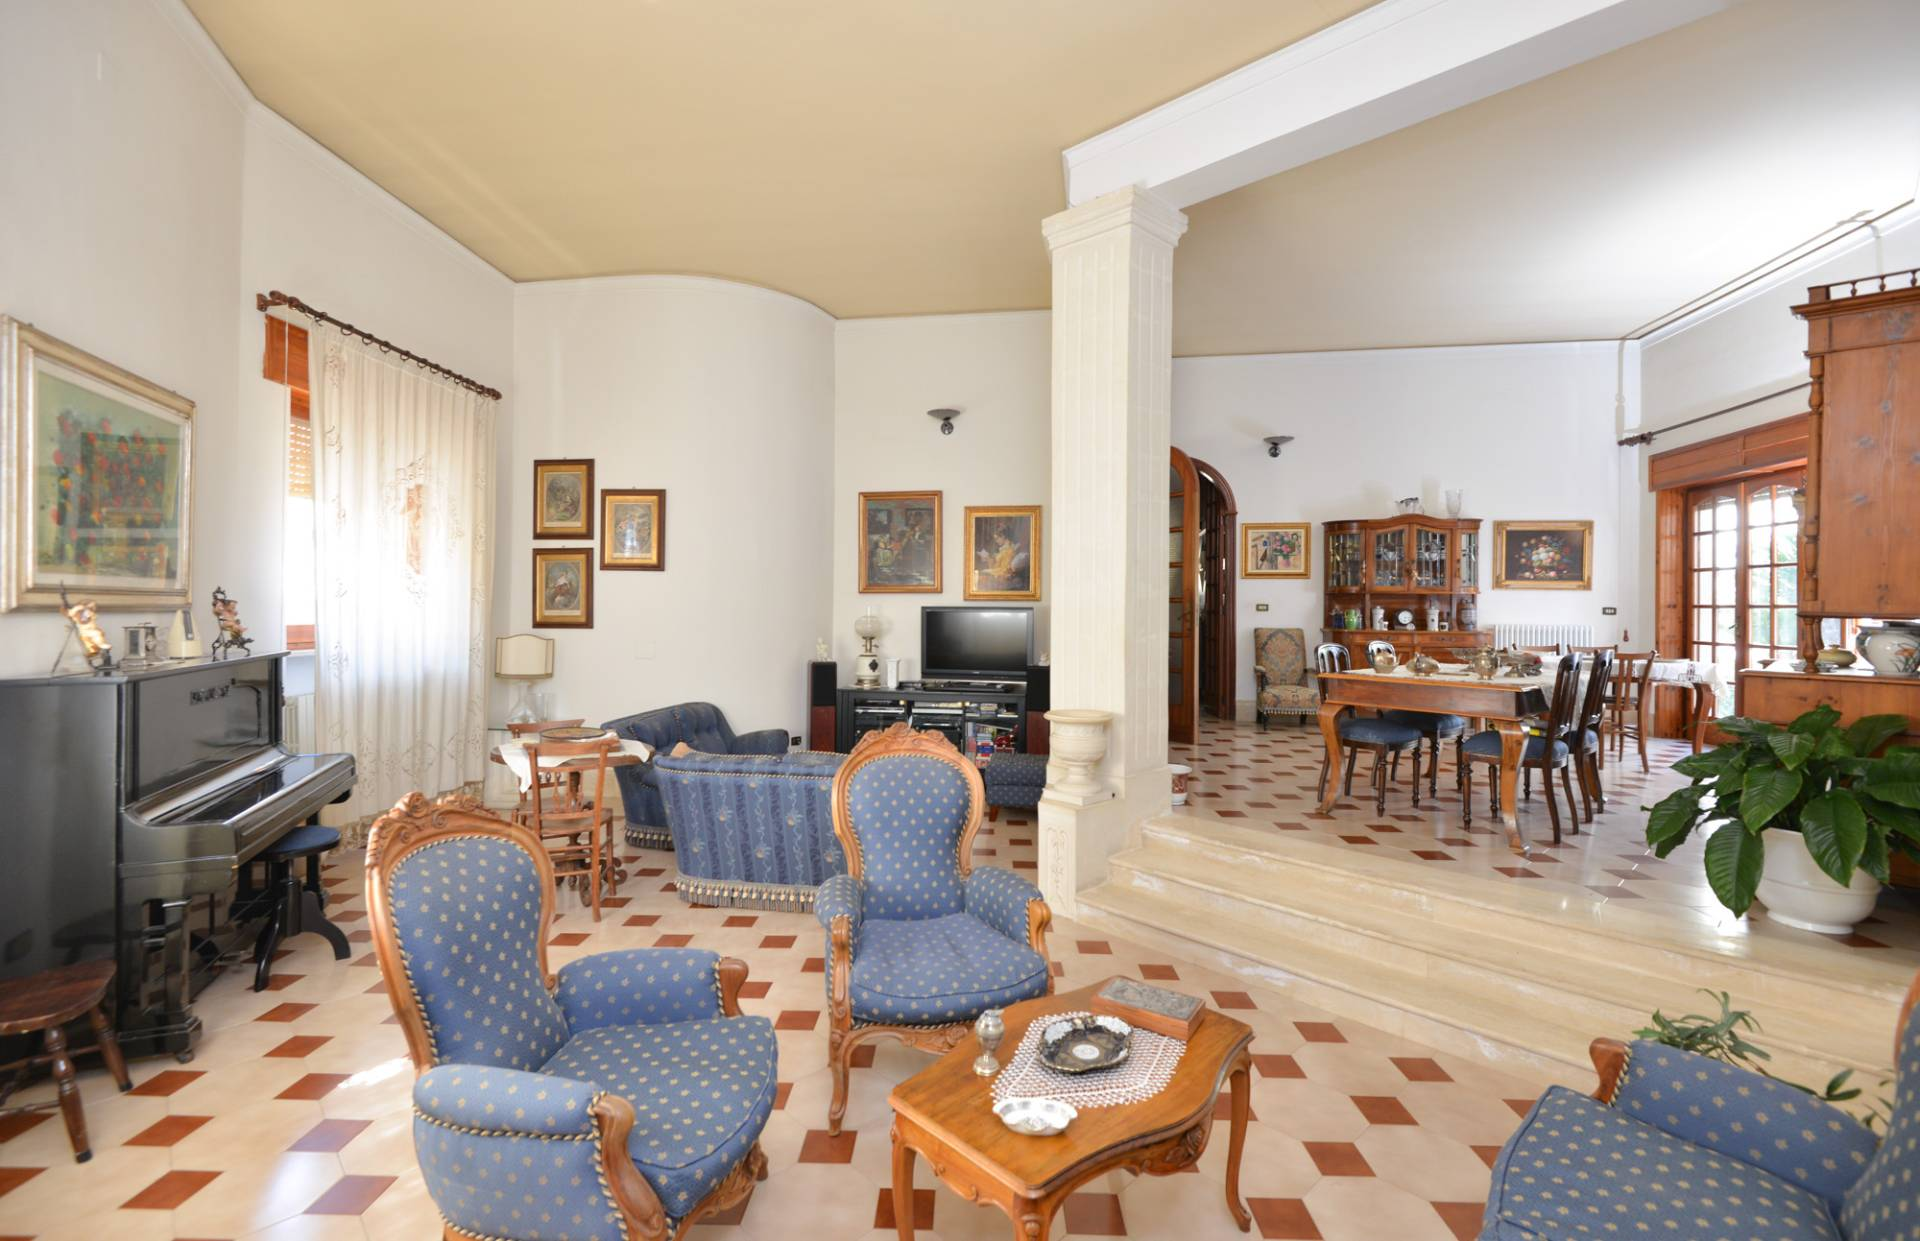 Soluzione Semindipendente in vendita a Mesagne, 6 locali, prezzo € 189.000 | CambioCasa.it